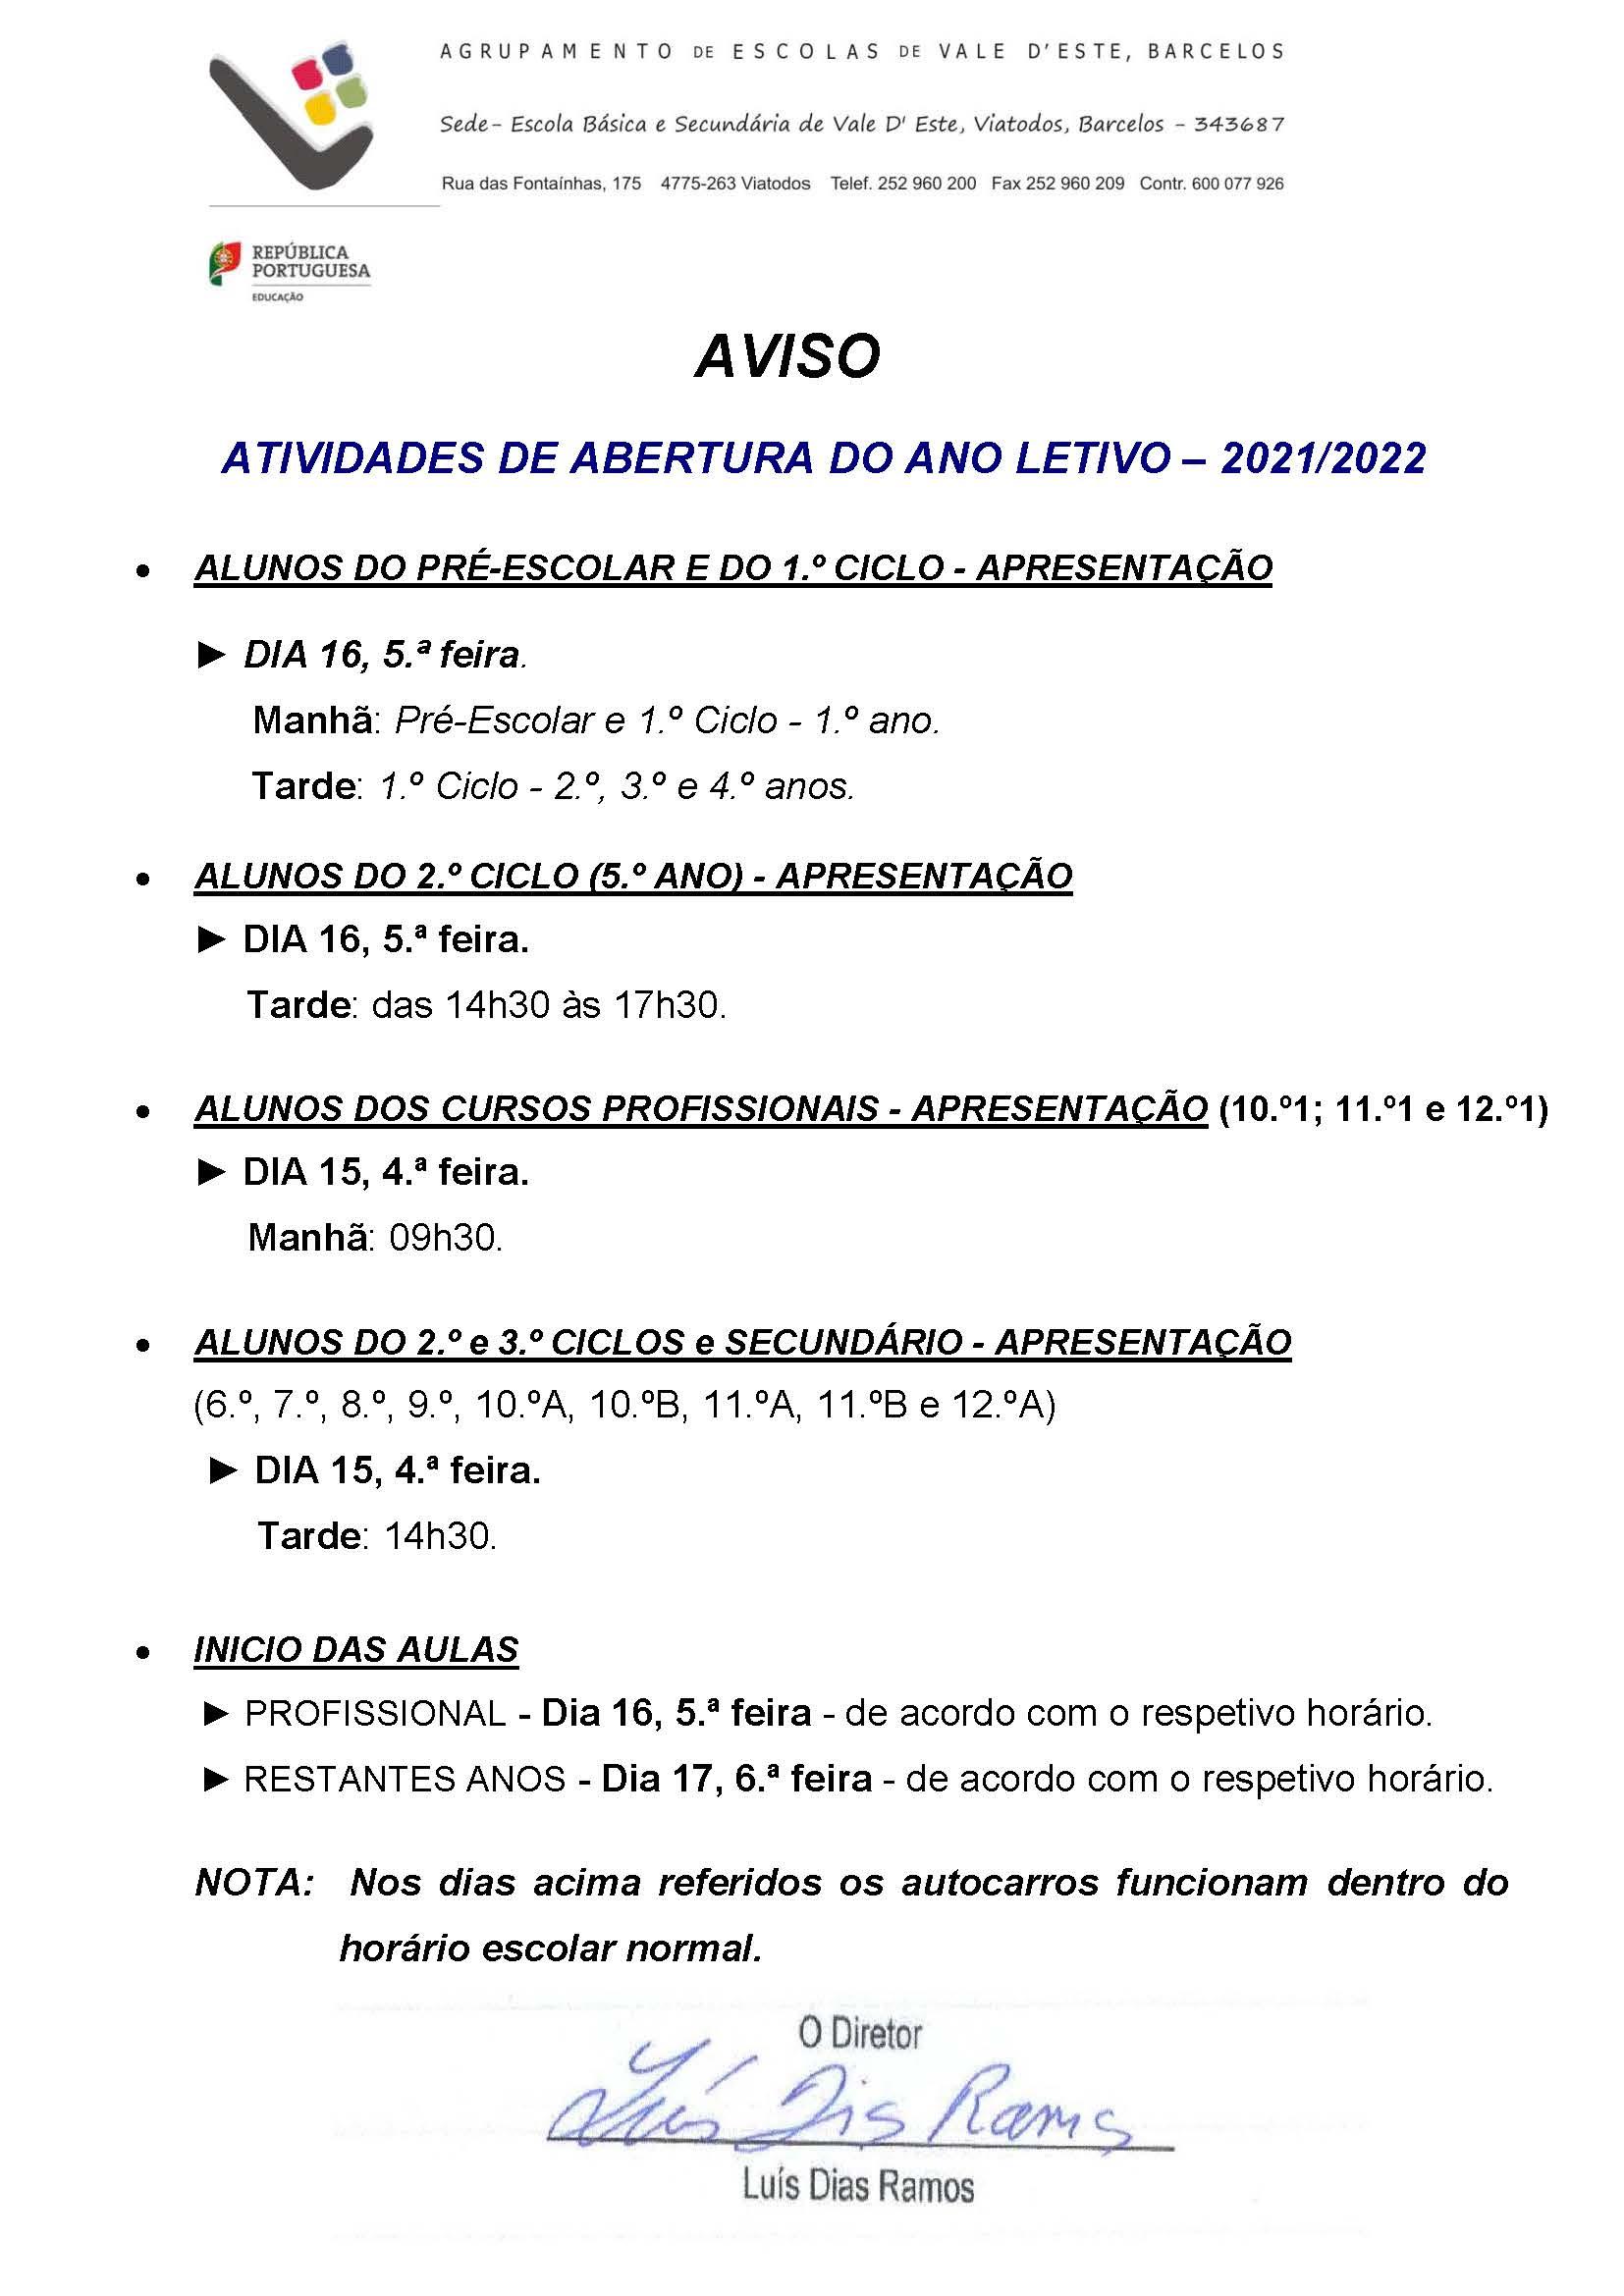 Aviso_Abertura_Ano_letivo_2021_2022